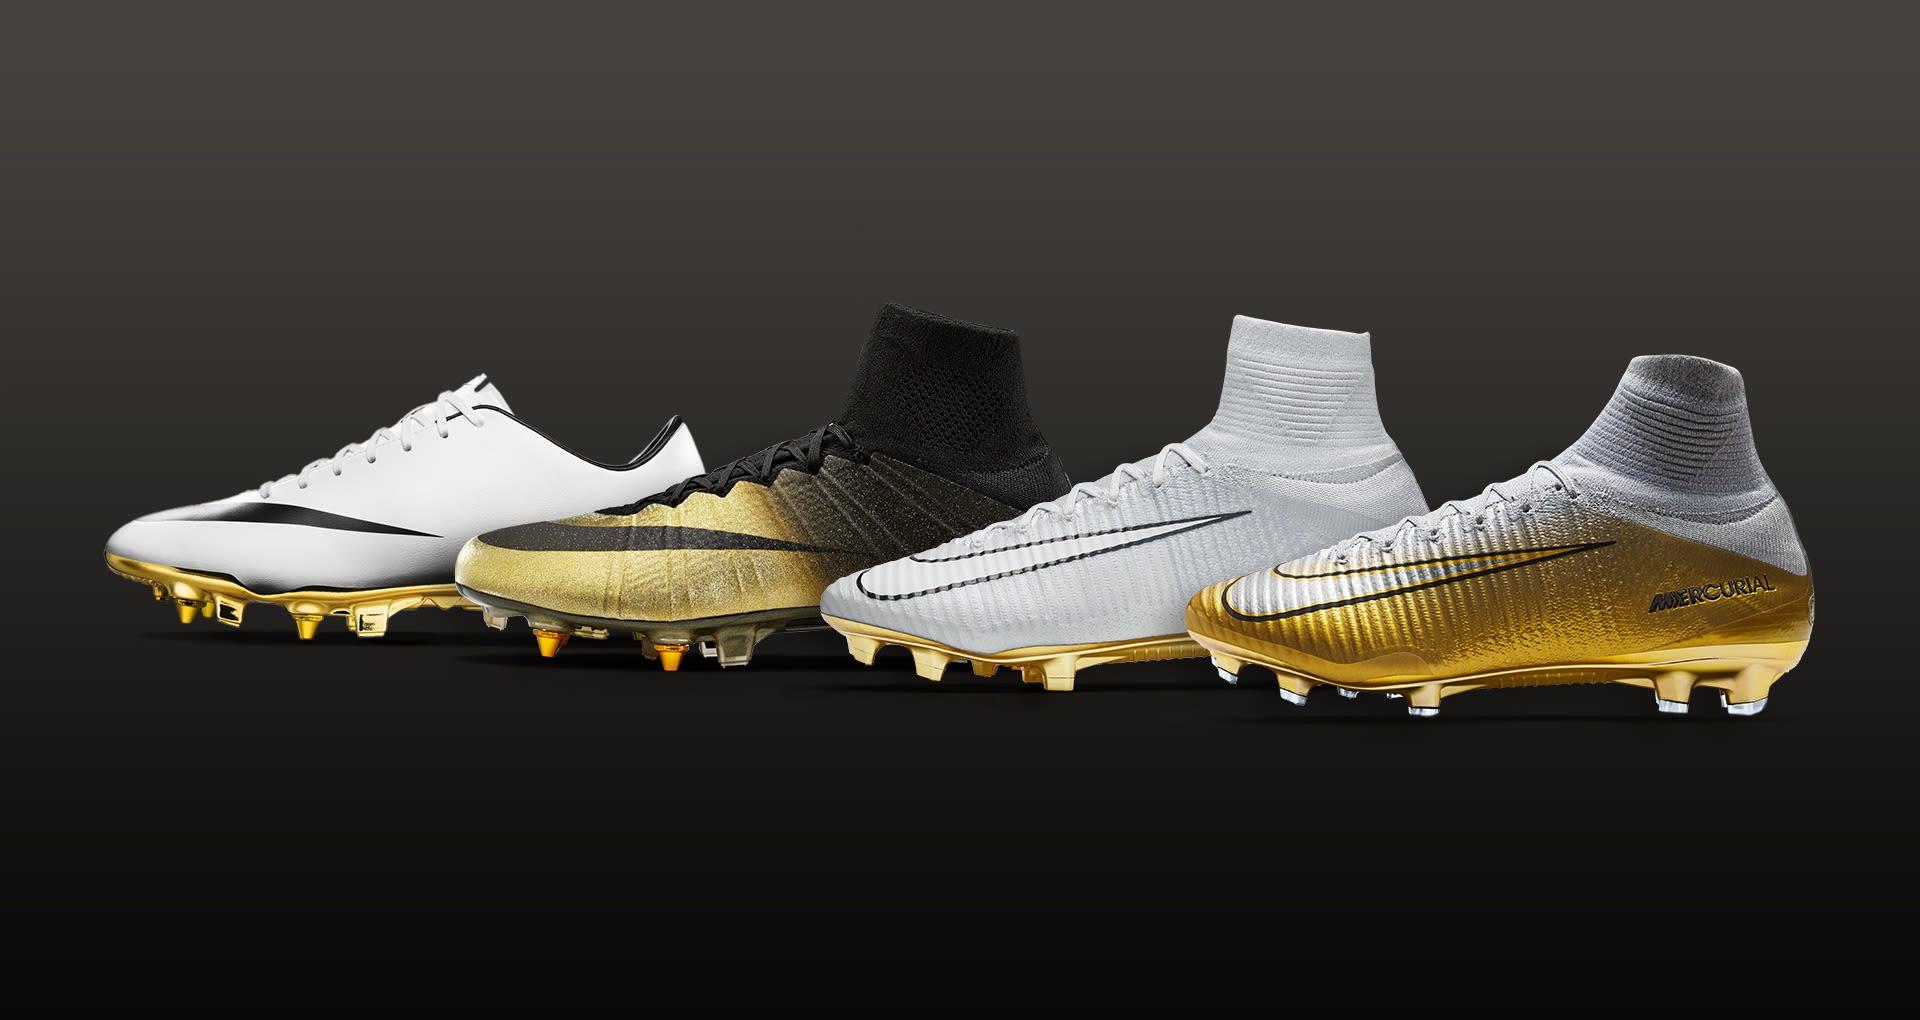 newest b39d1 f5bd5 Voir tous les articles. Nike Football. Généalogie de la Quinto Triunfo